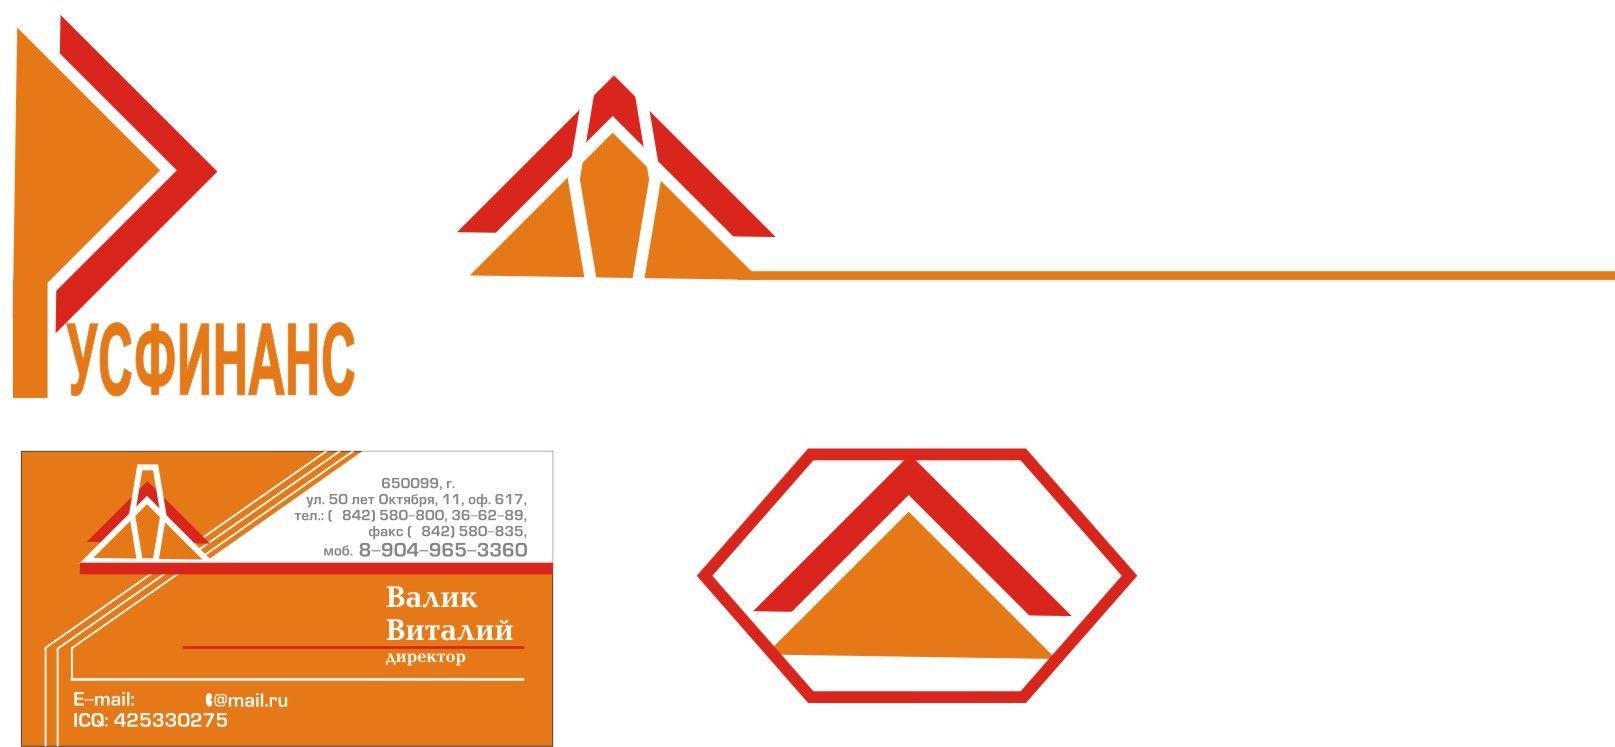 Логотип для Русфинанс - дизайнер 667333